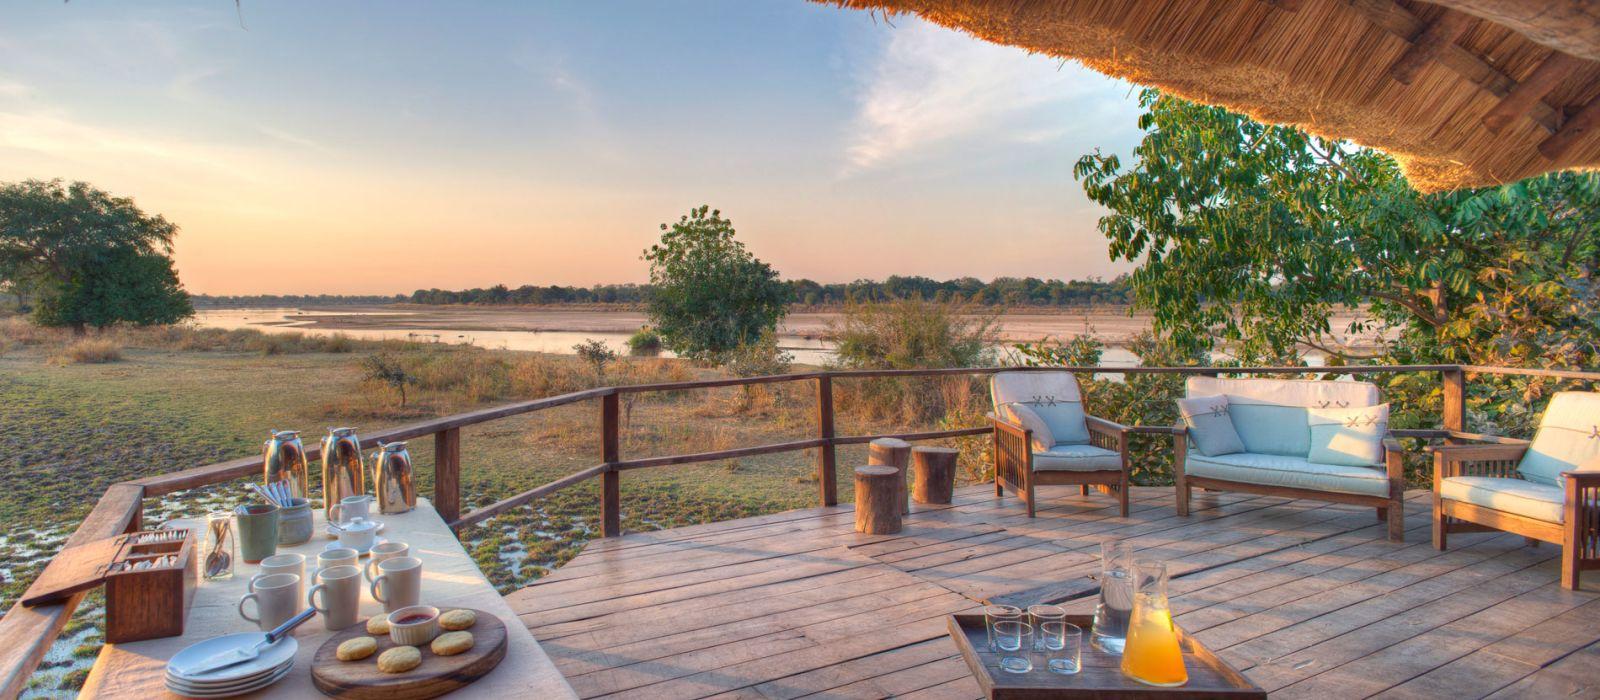 Zambia: Victoria Falls and Safari Highlights Tour Trip 4